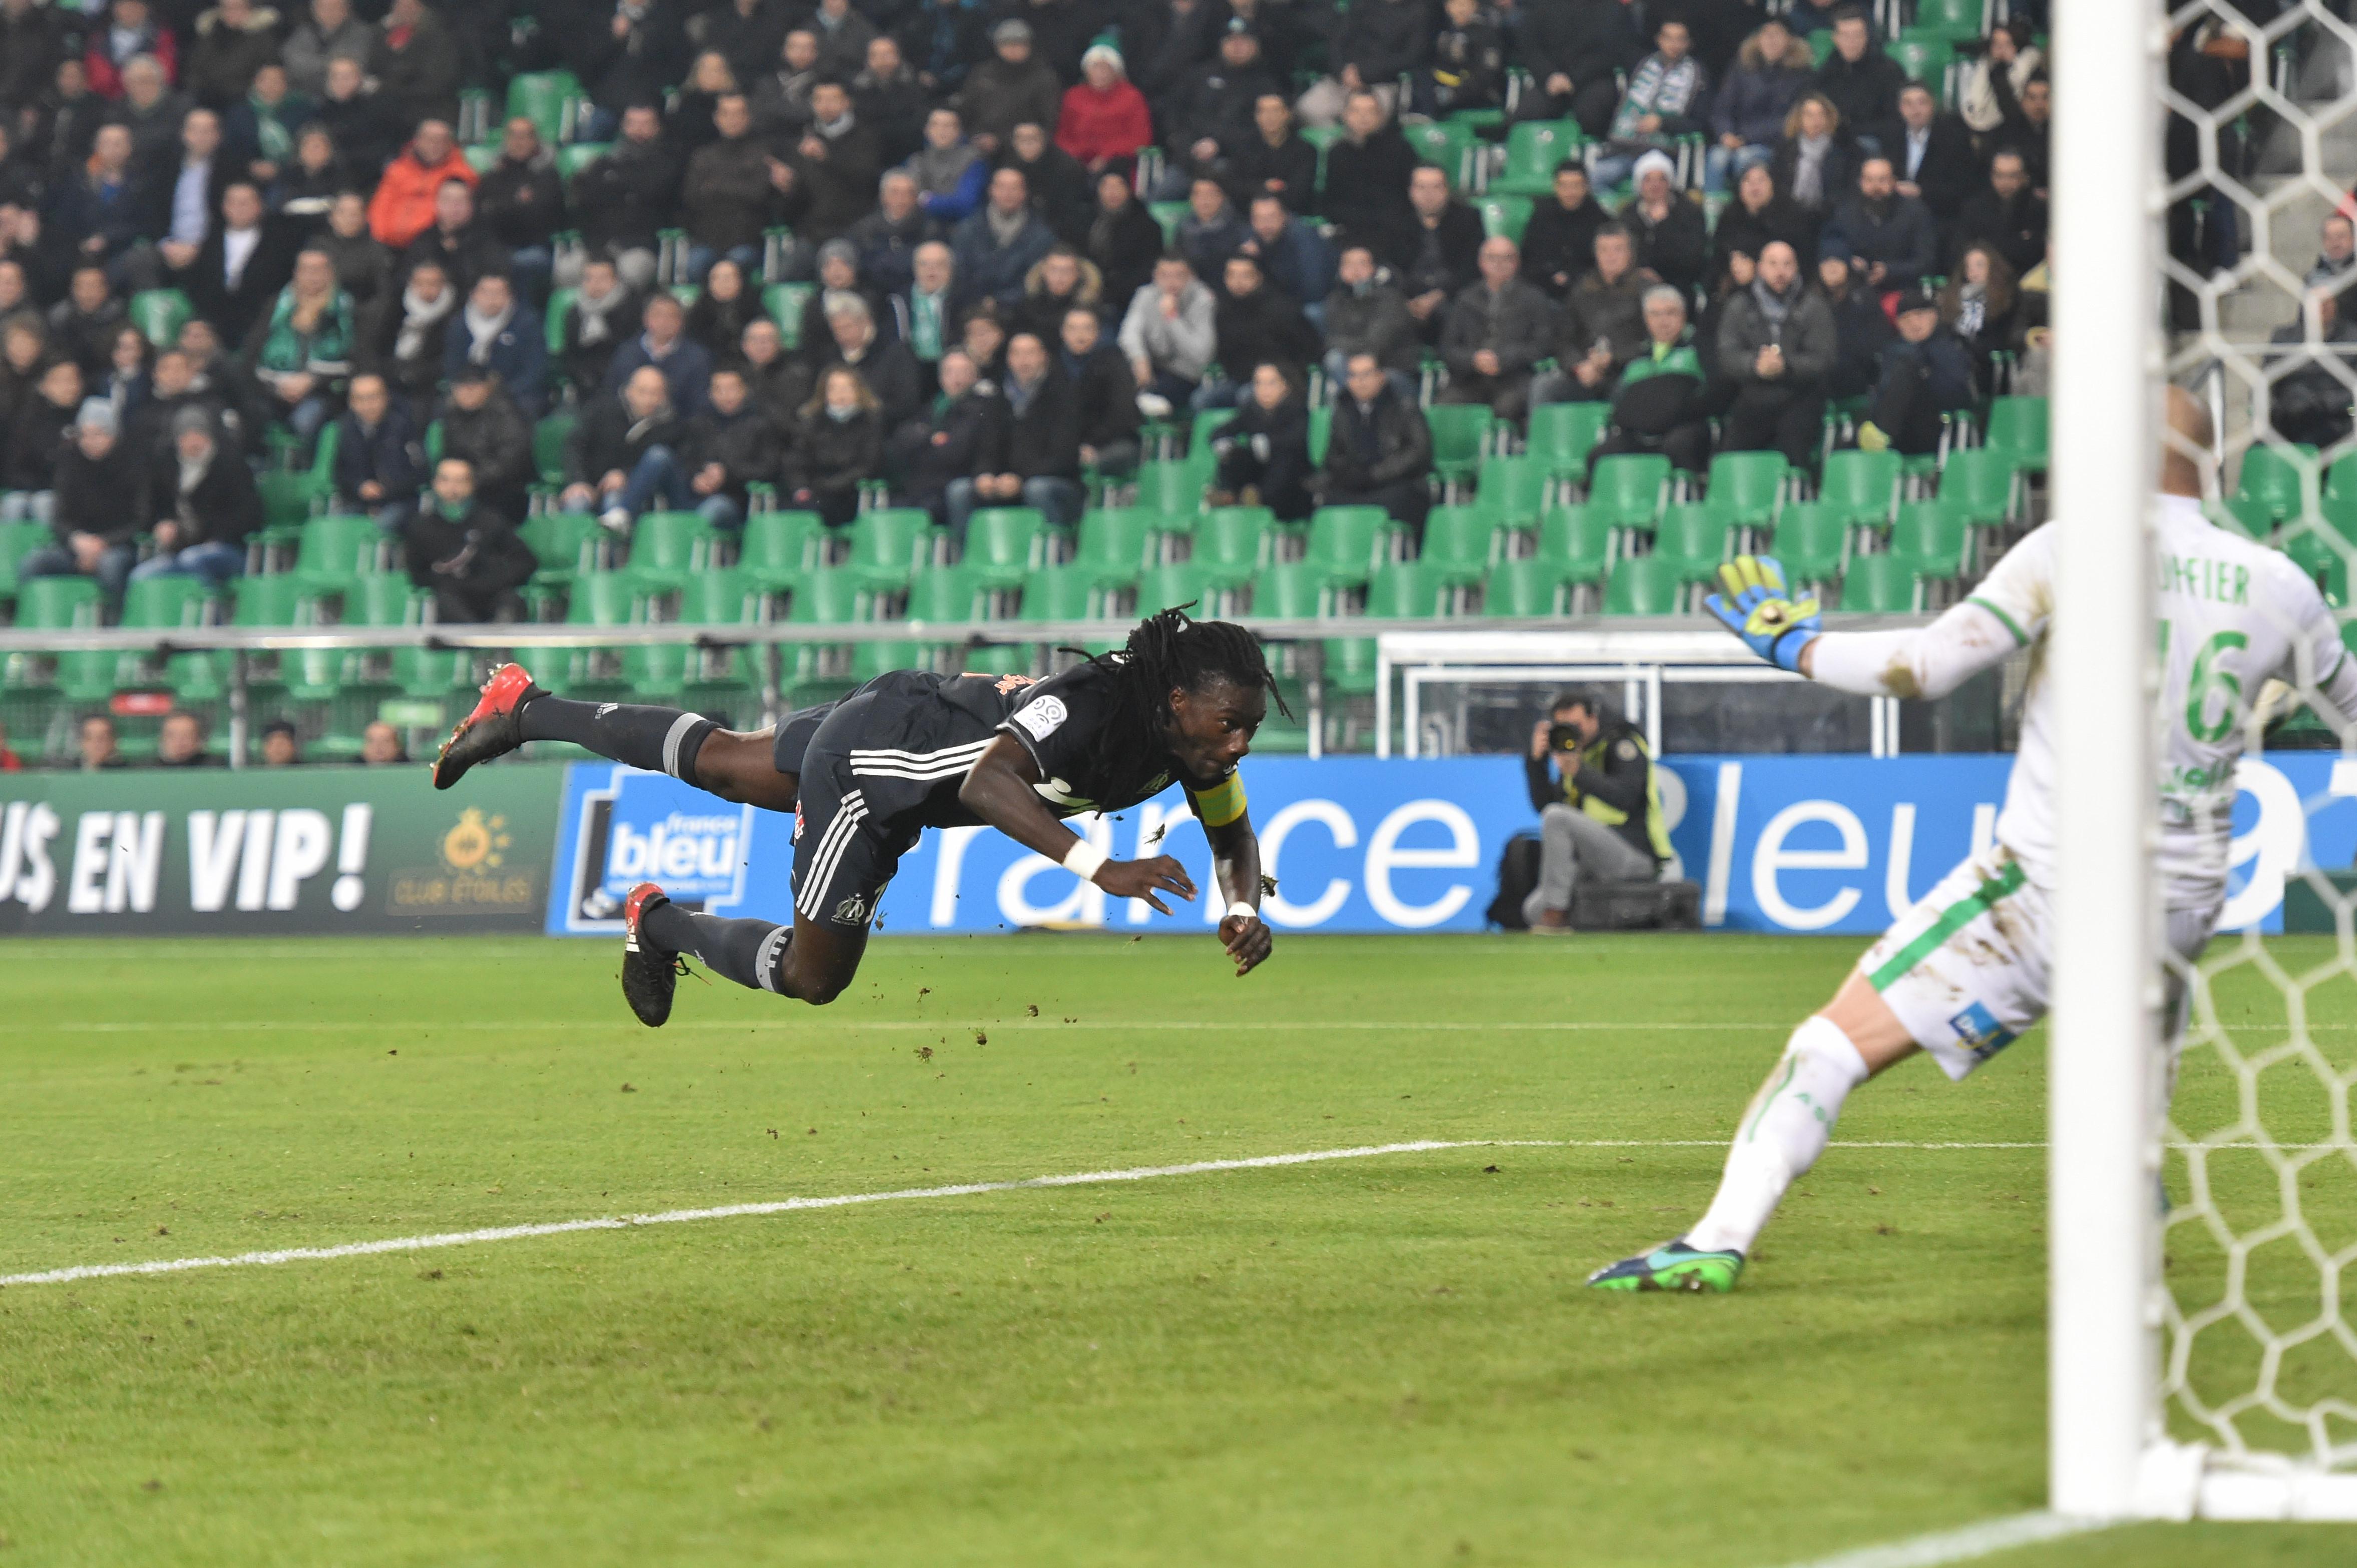 Football - Ligue 1 - Saint-Etienne-Marseille : Ruffier impérial, Gomis encore muet